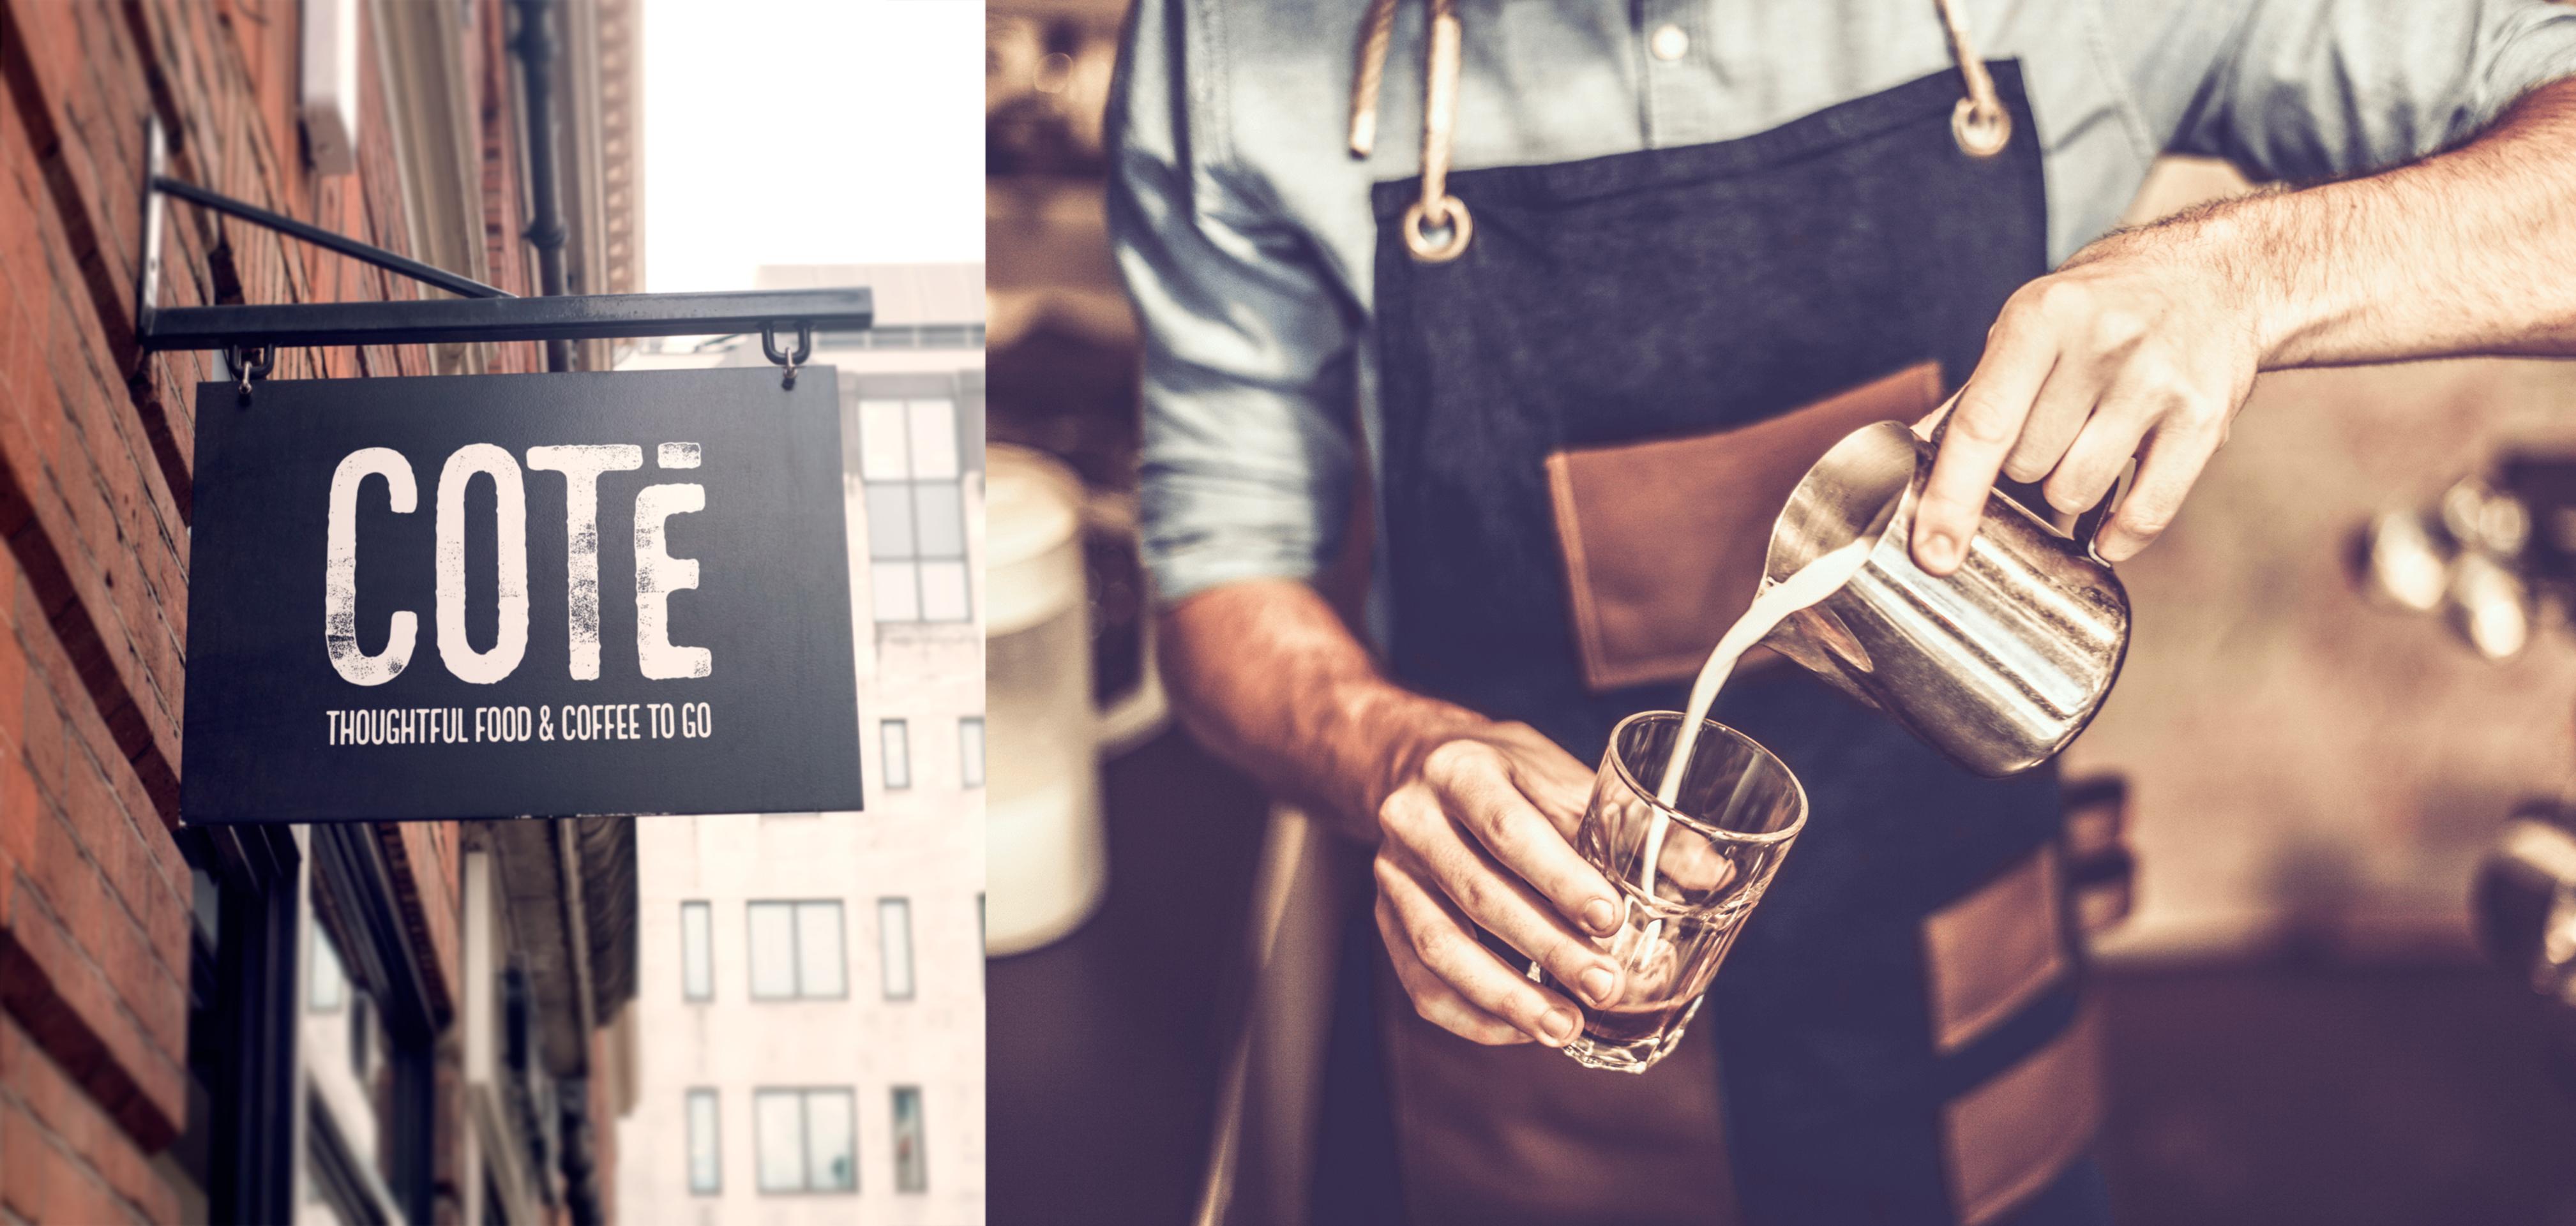 Cafe-sign-Cote